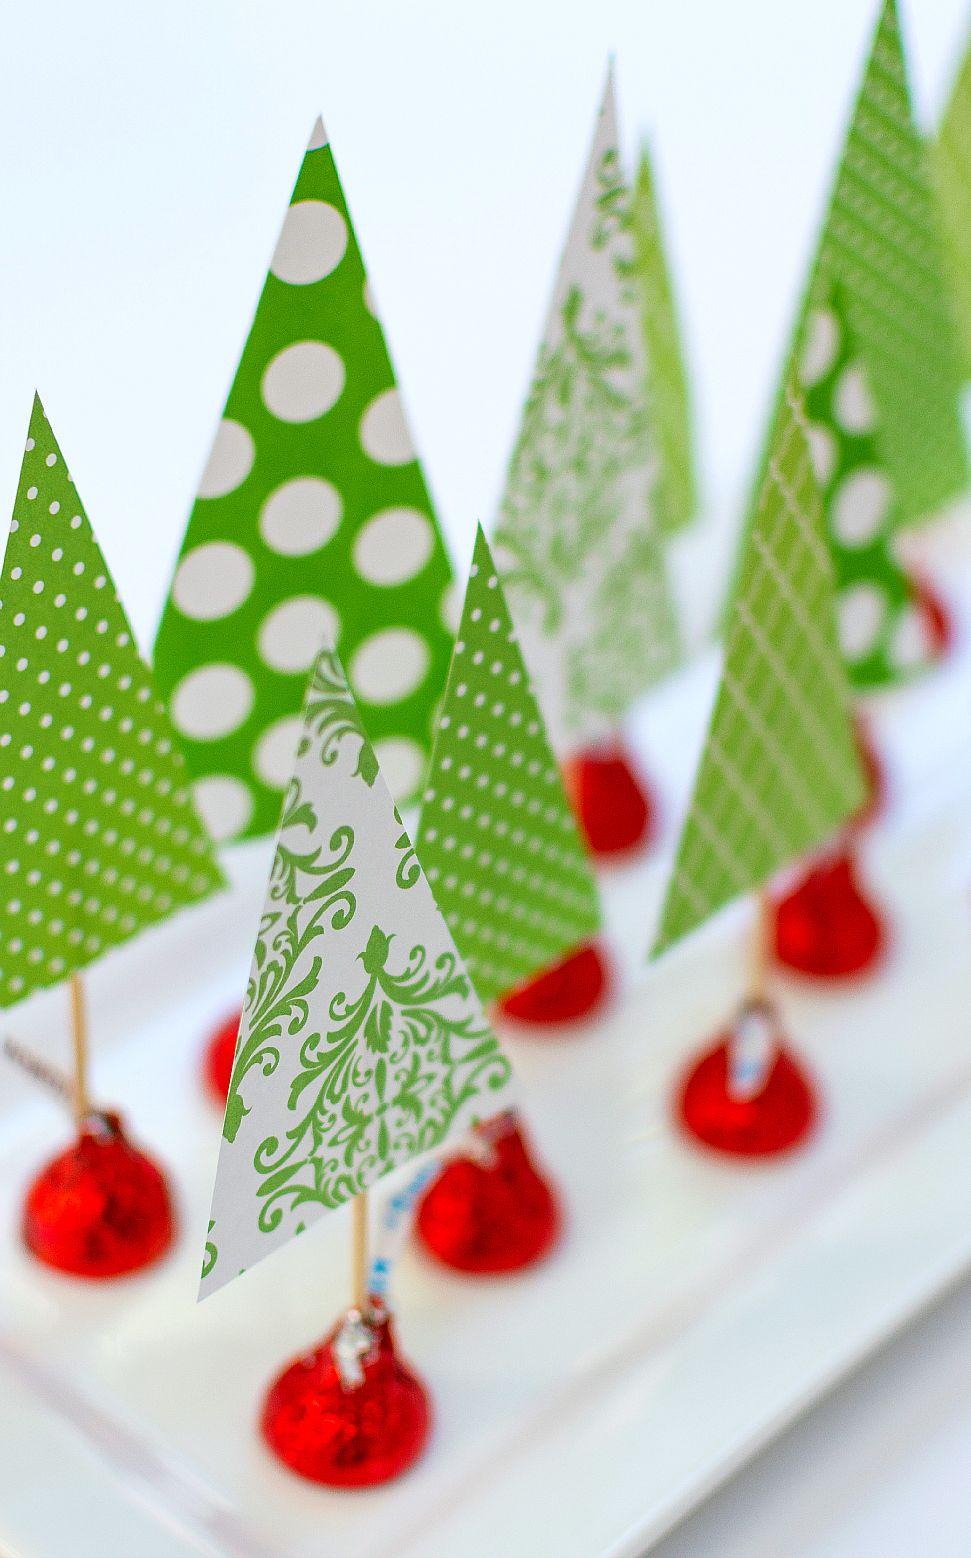 50 Creative Classy DIY Christmas Table Decoration Ideas